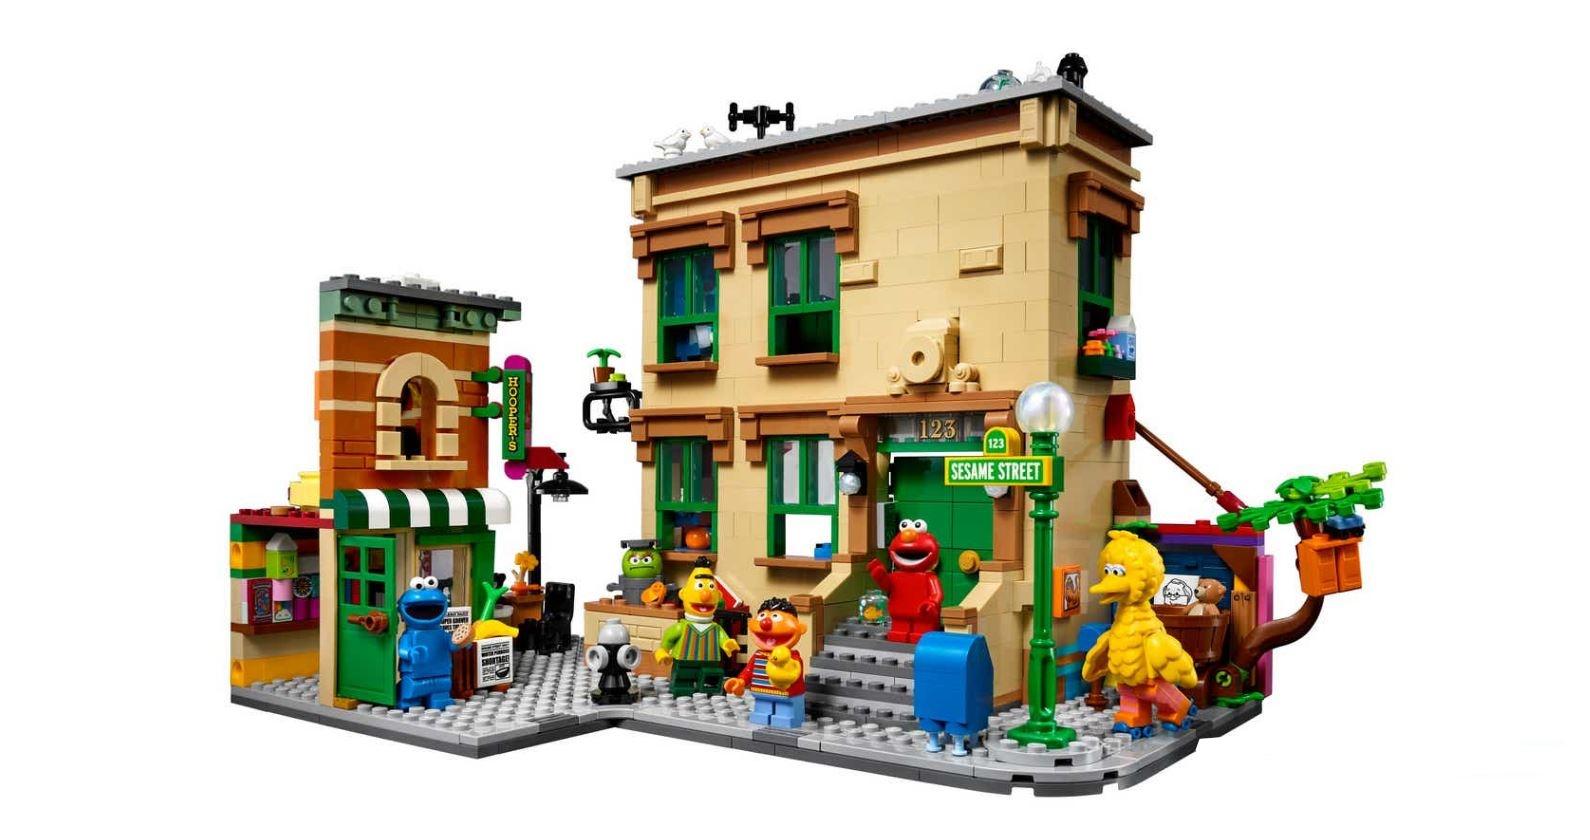 شركة LEGO  تعيد ذكريات افتح يا سمسم